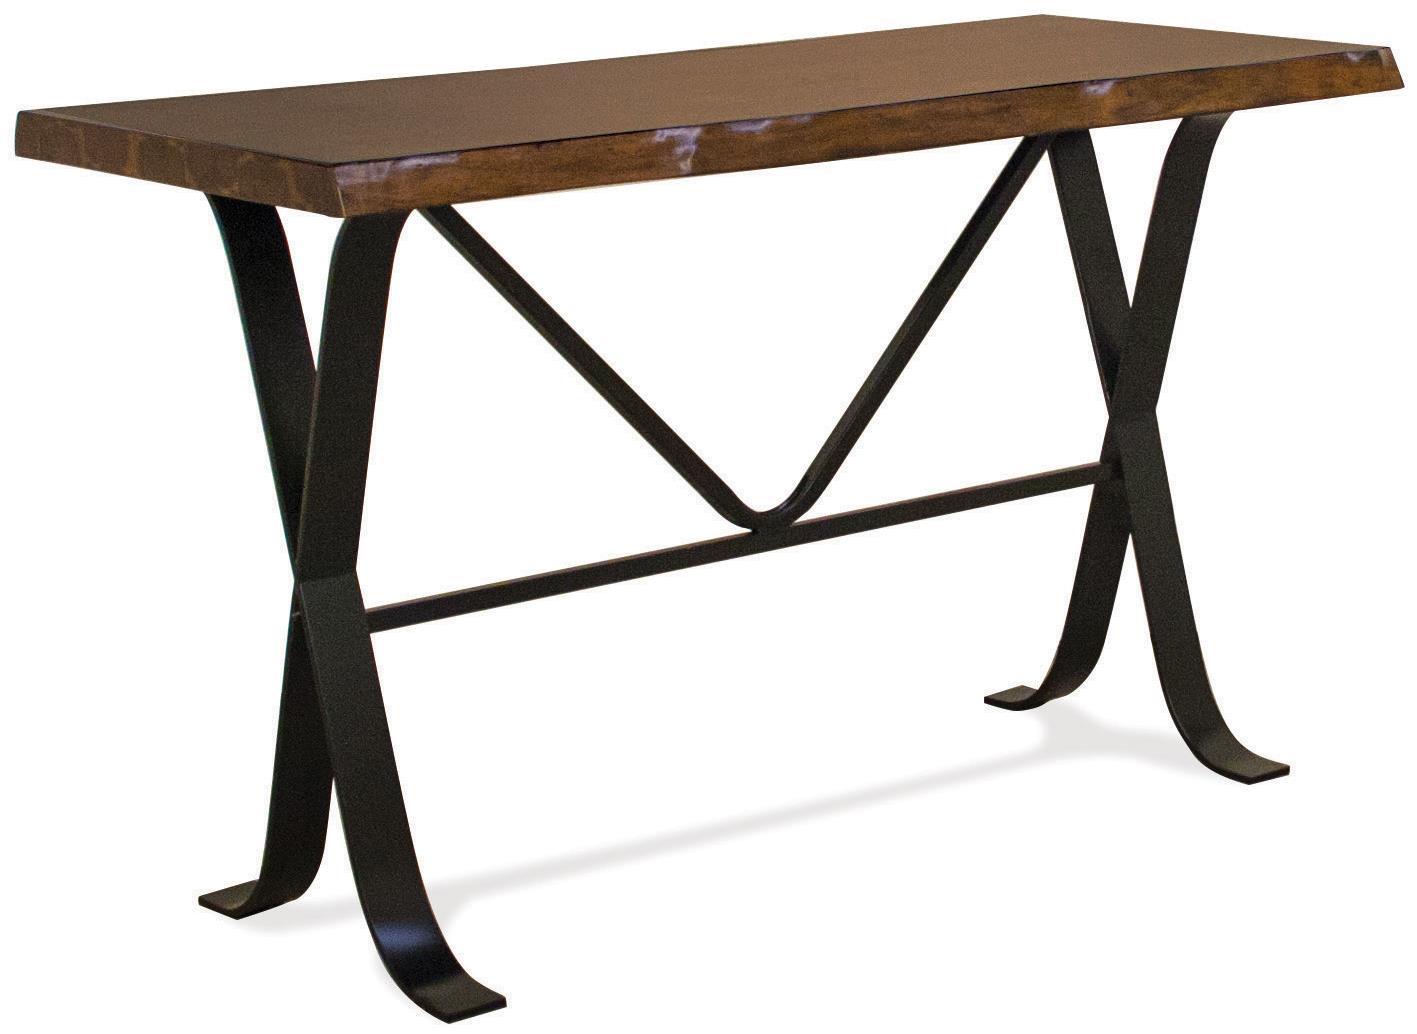 Riverside Furniture Boulder Sofa Table       - Item Number: 13915